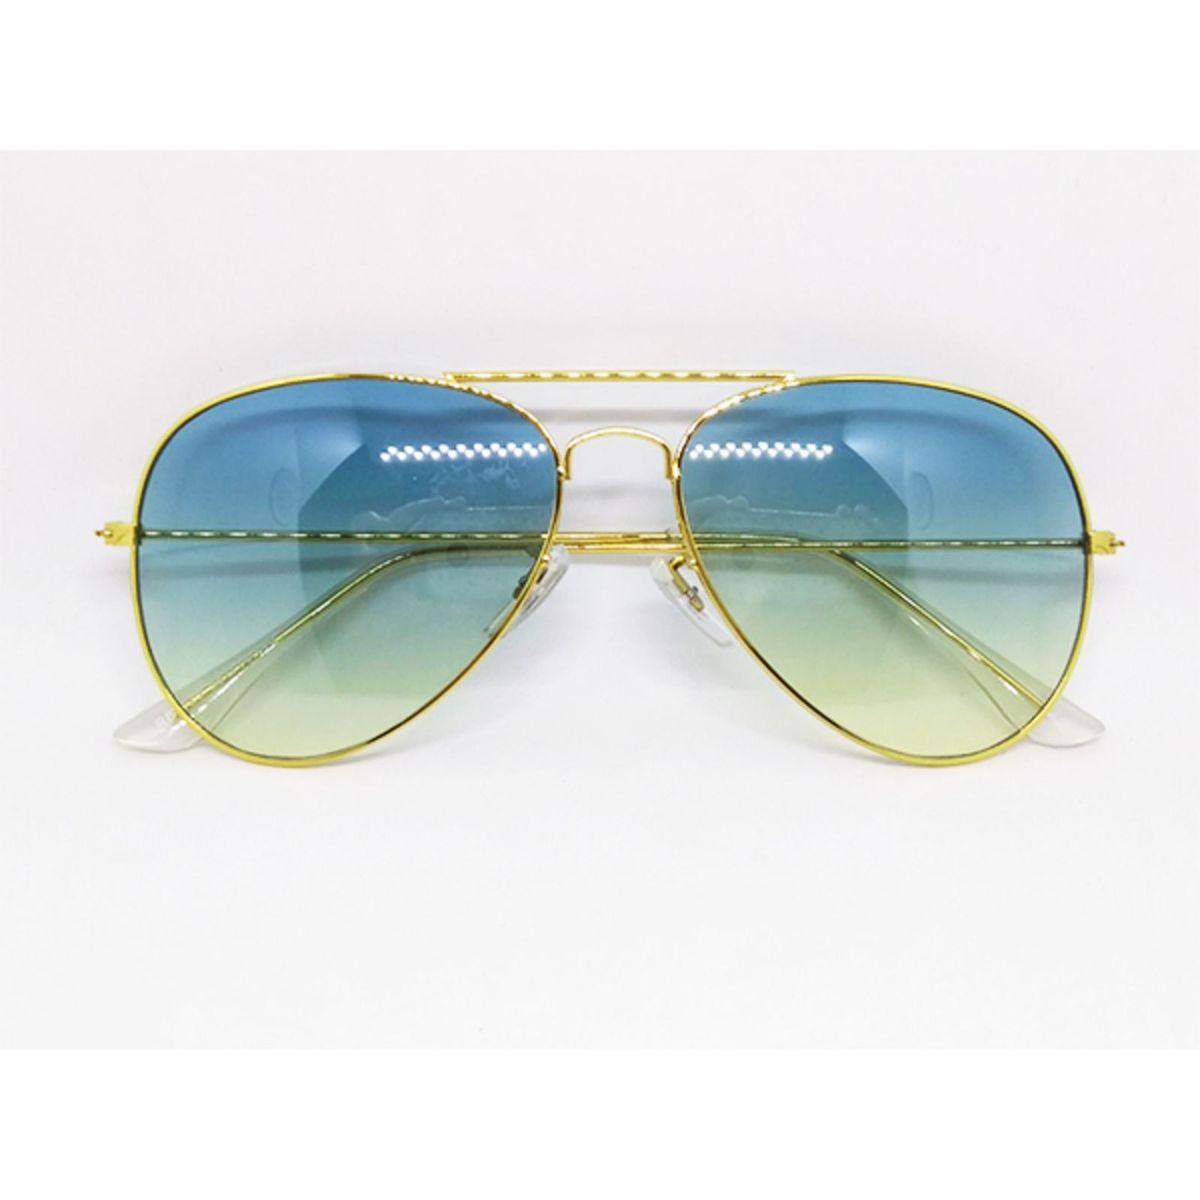 c09d4c0b2 Óculos de Sol Aviador com Lente Degrade Azul e Verde Claro | Óculos  Feminino Lecoleto Nunca Usado 29044158 | enjoei